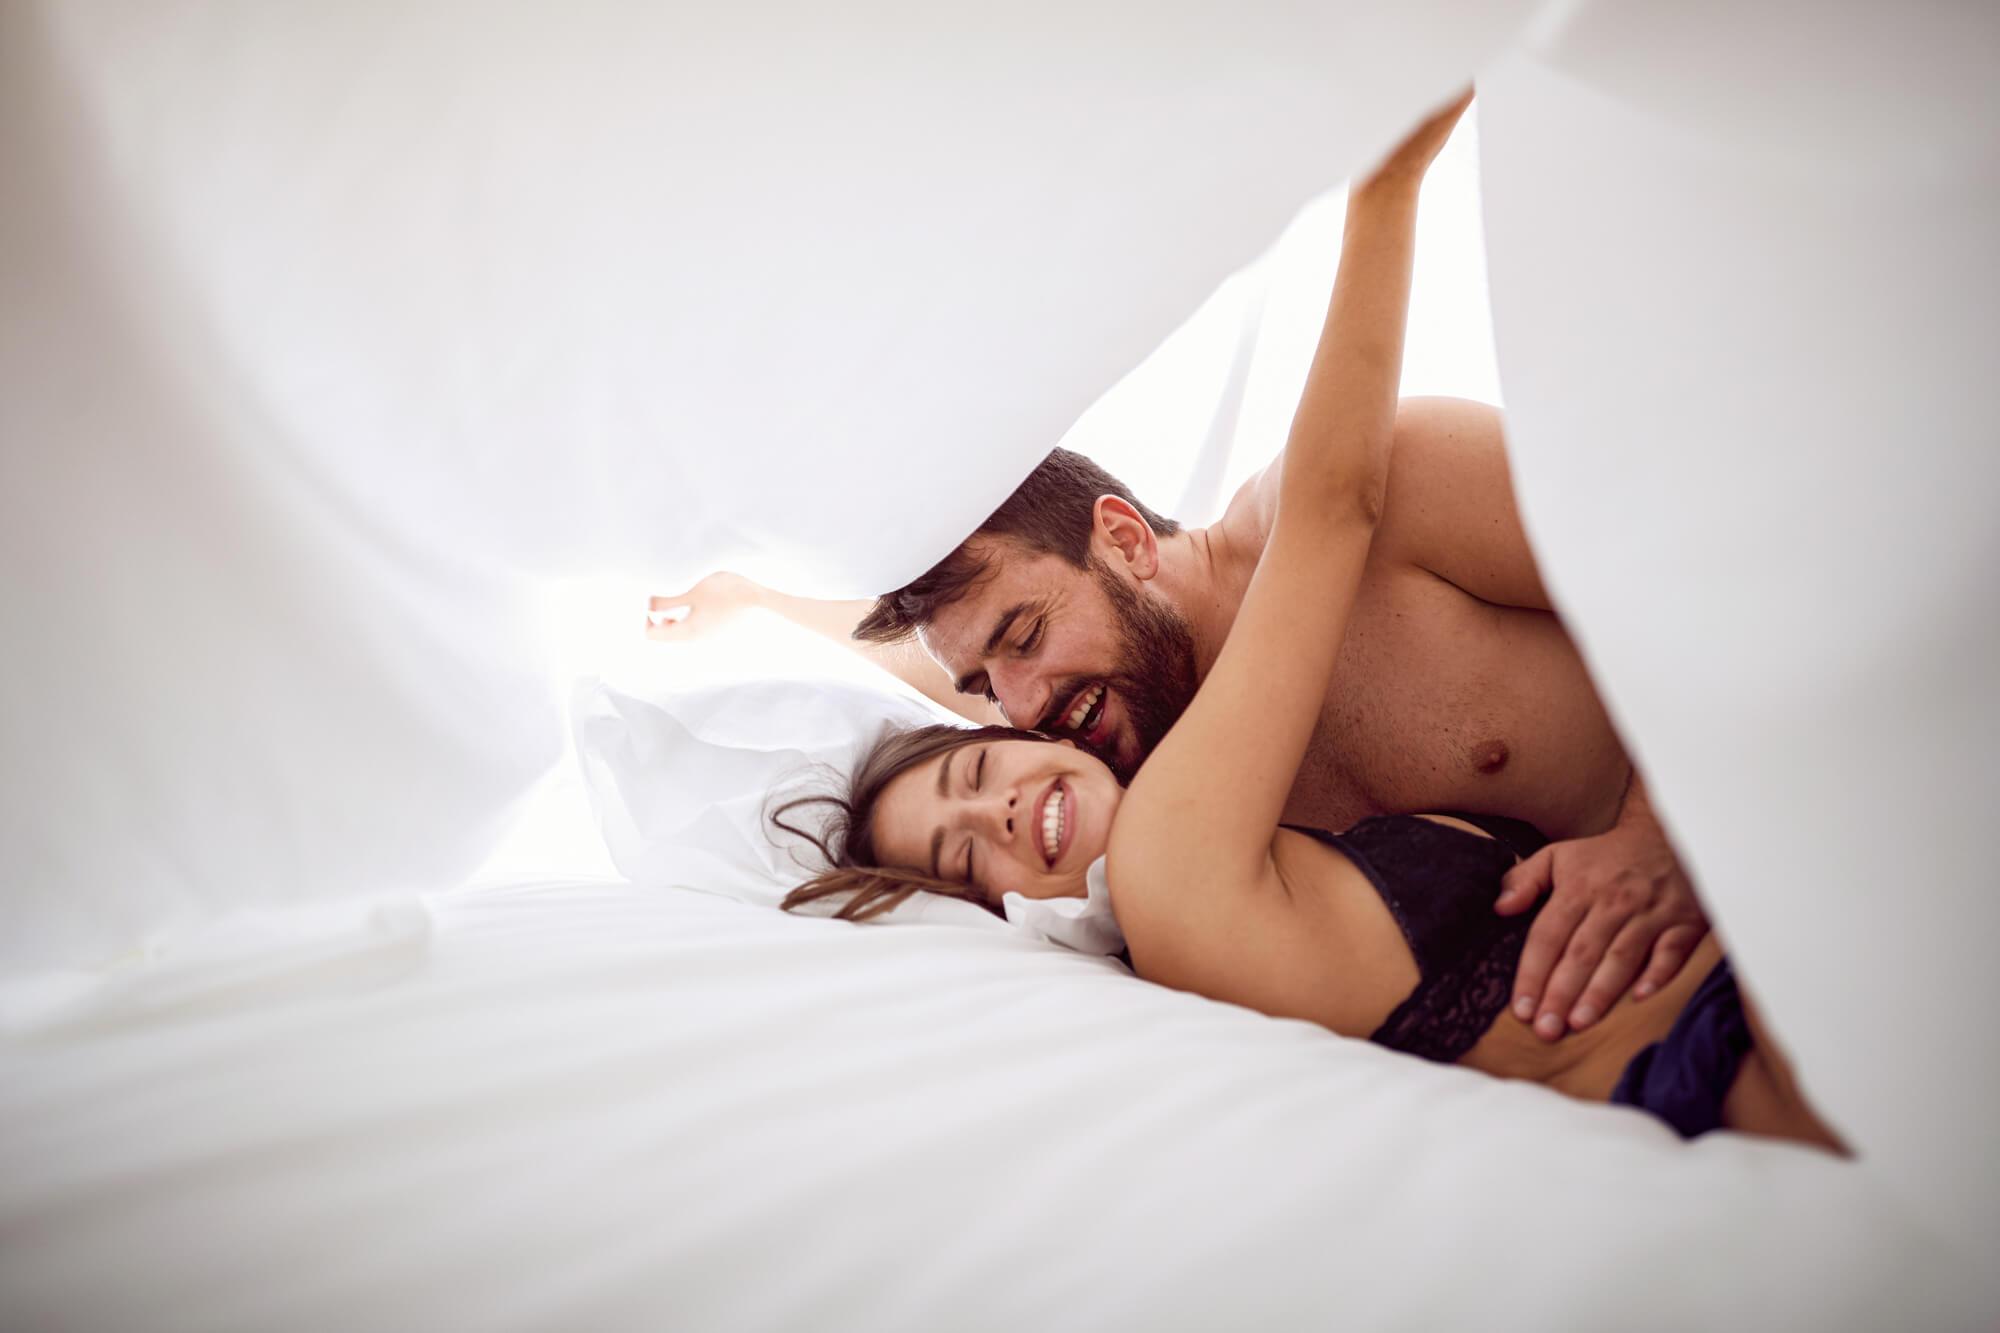 Los hombres que tienen una vida sexual activa tienen menos riesgo de sufrir cáncer de próstata